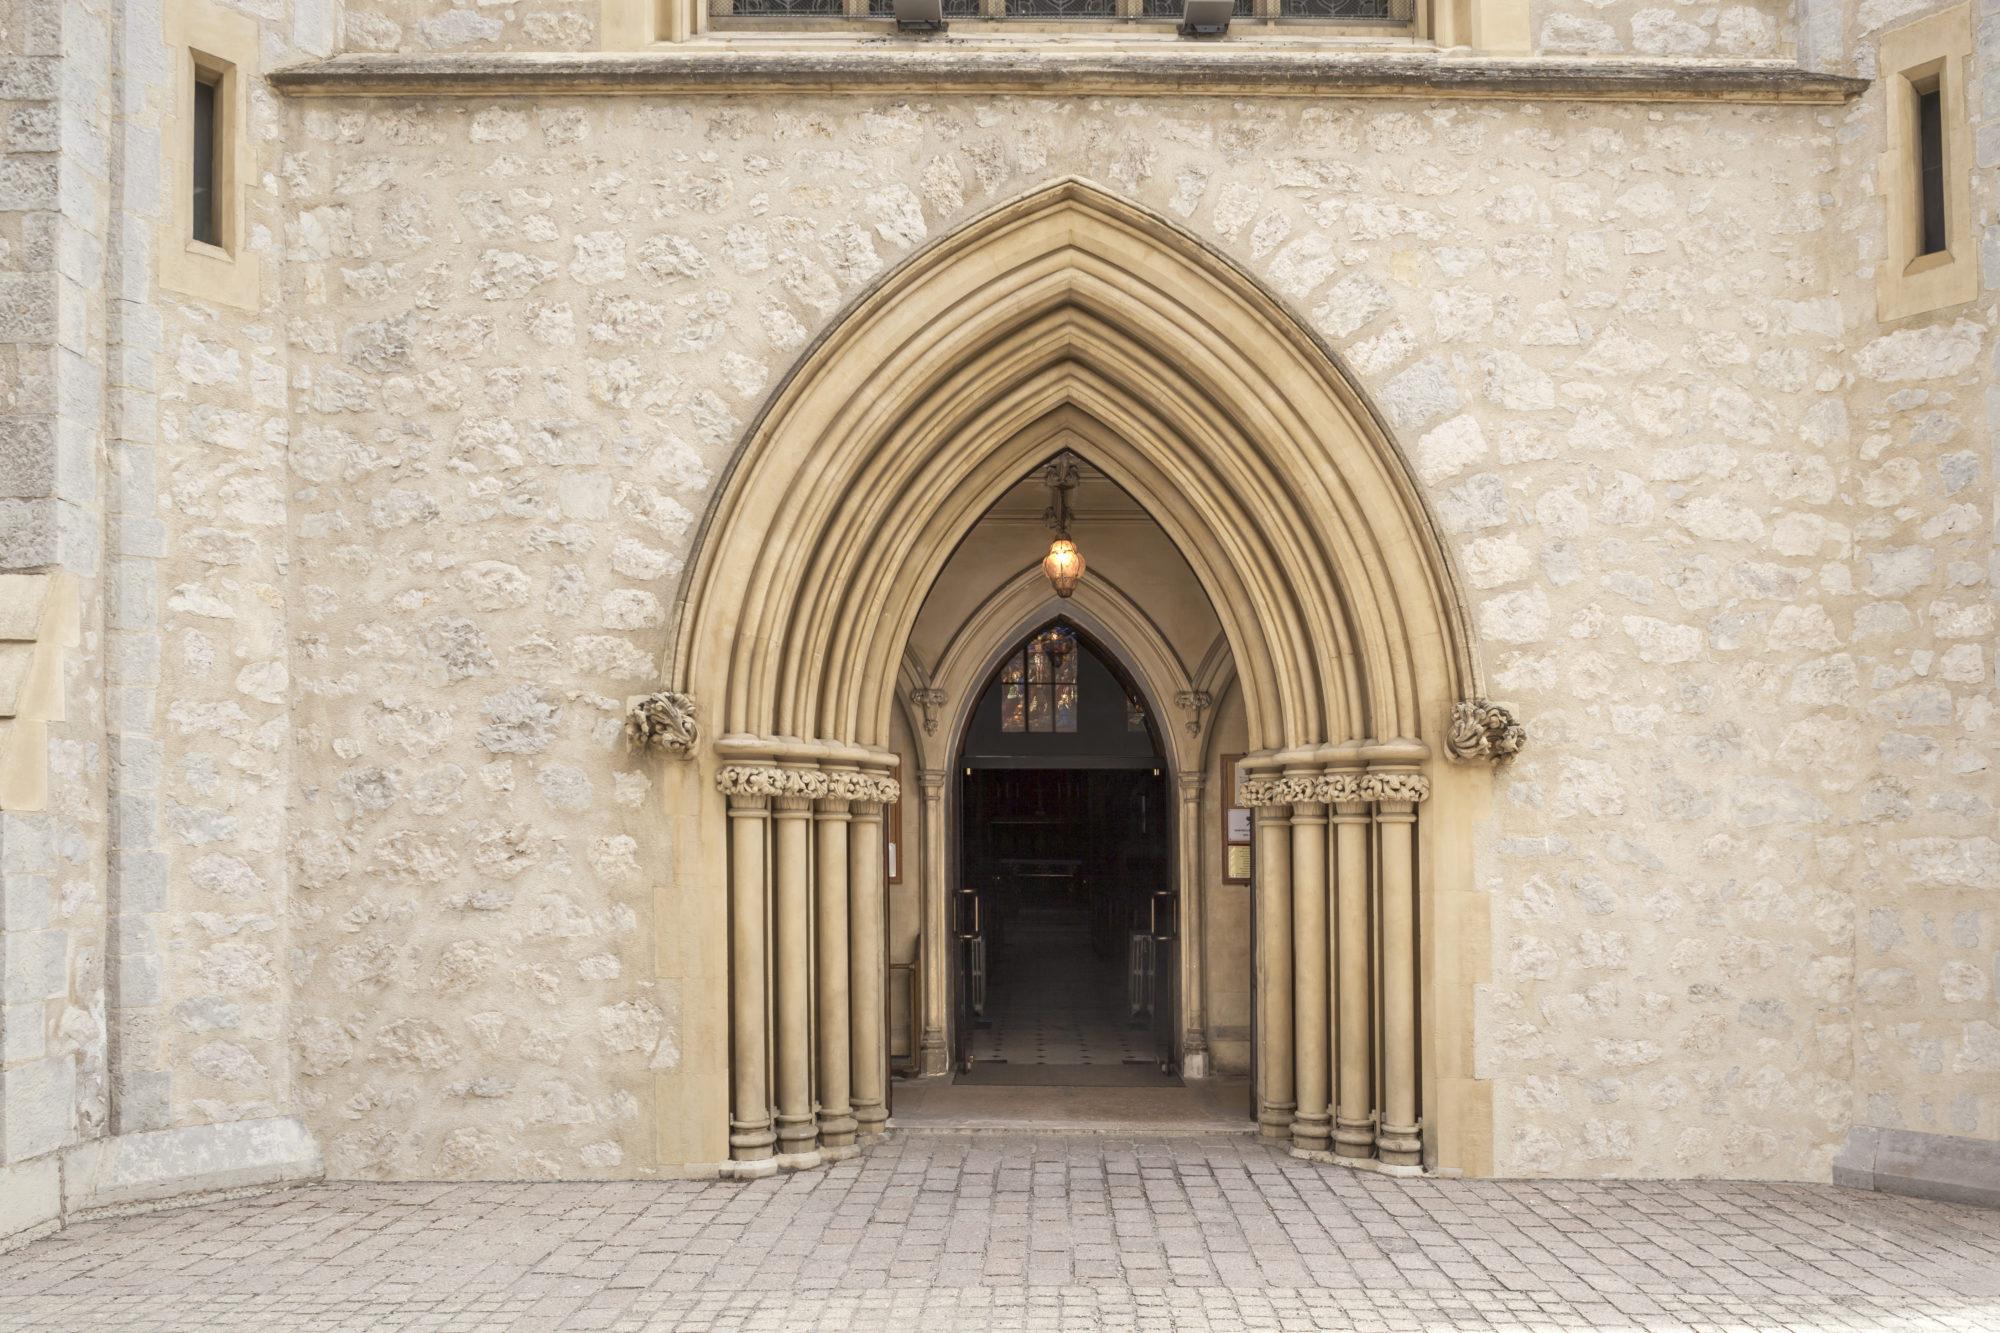 porte eglise anglicane ,porte ouverte, eglise anglicane